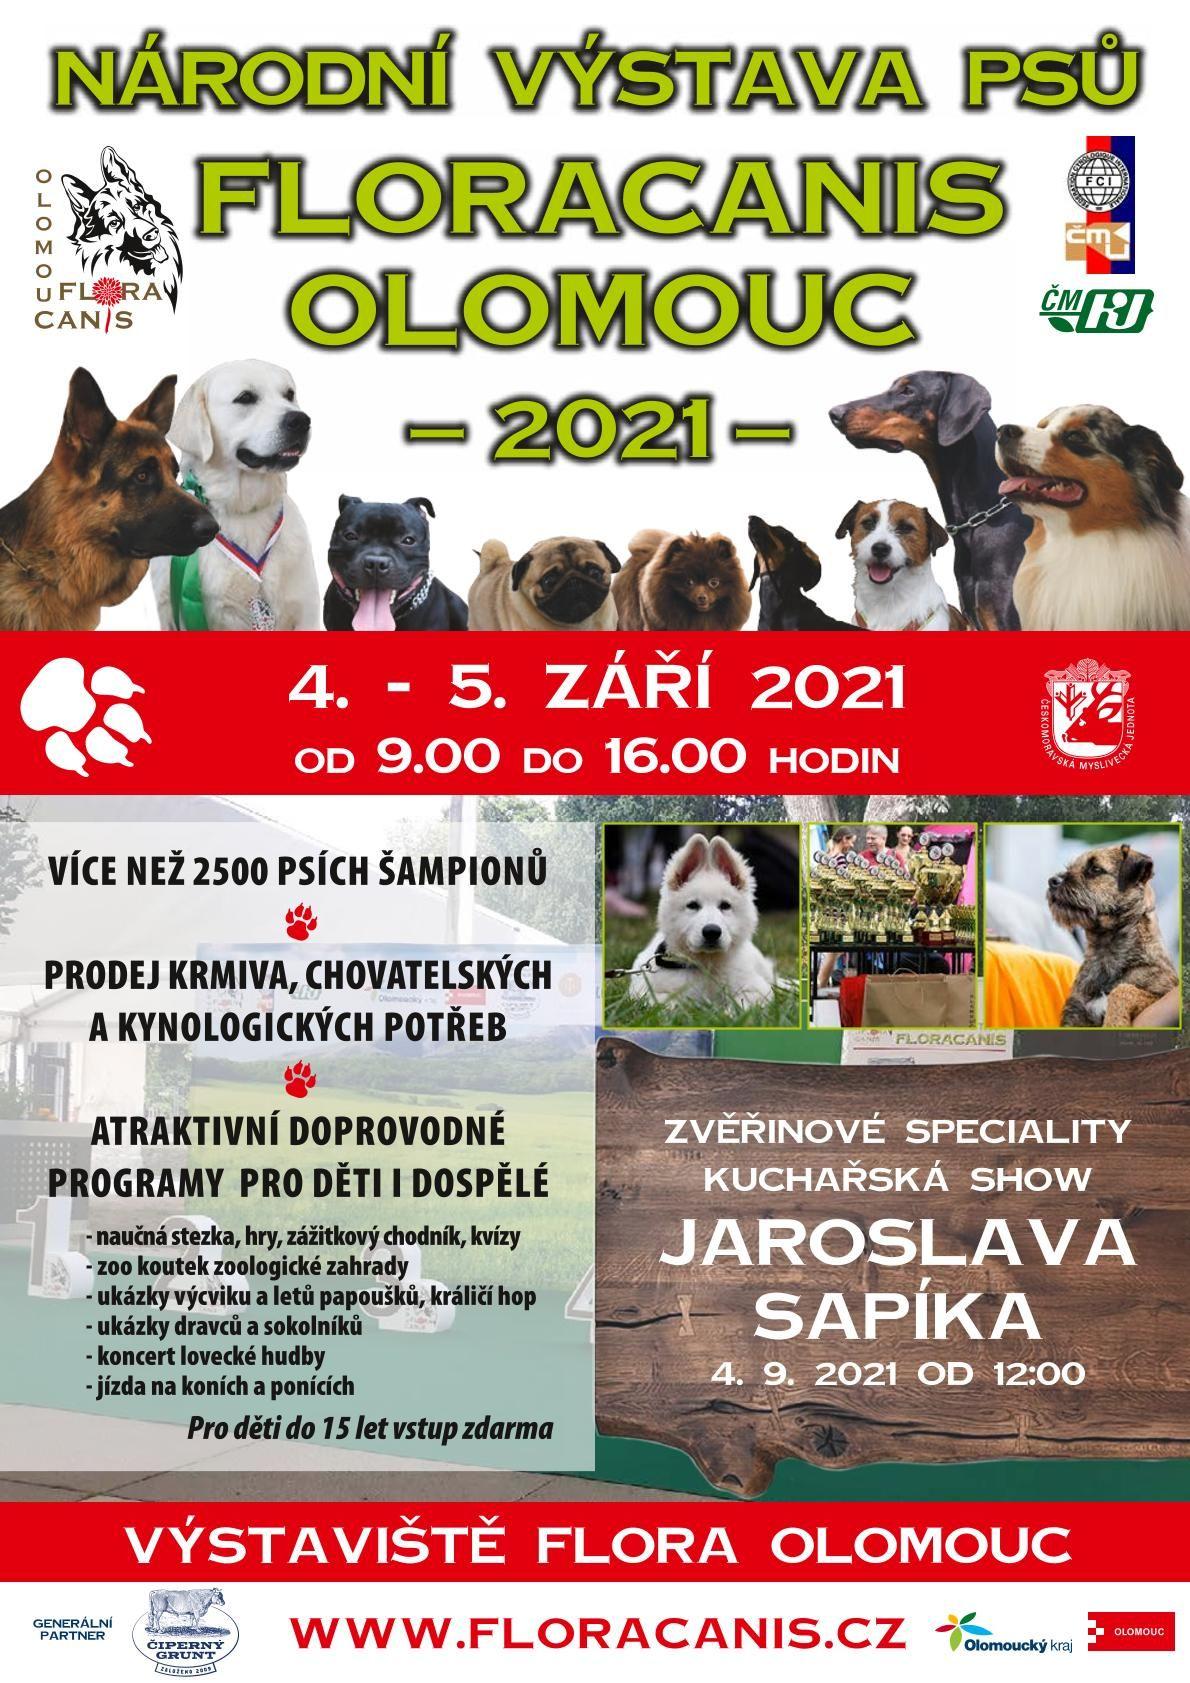 Národní výstava psů Floracanis Olomouc